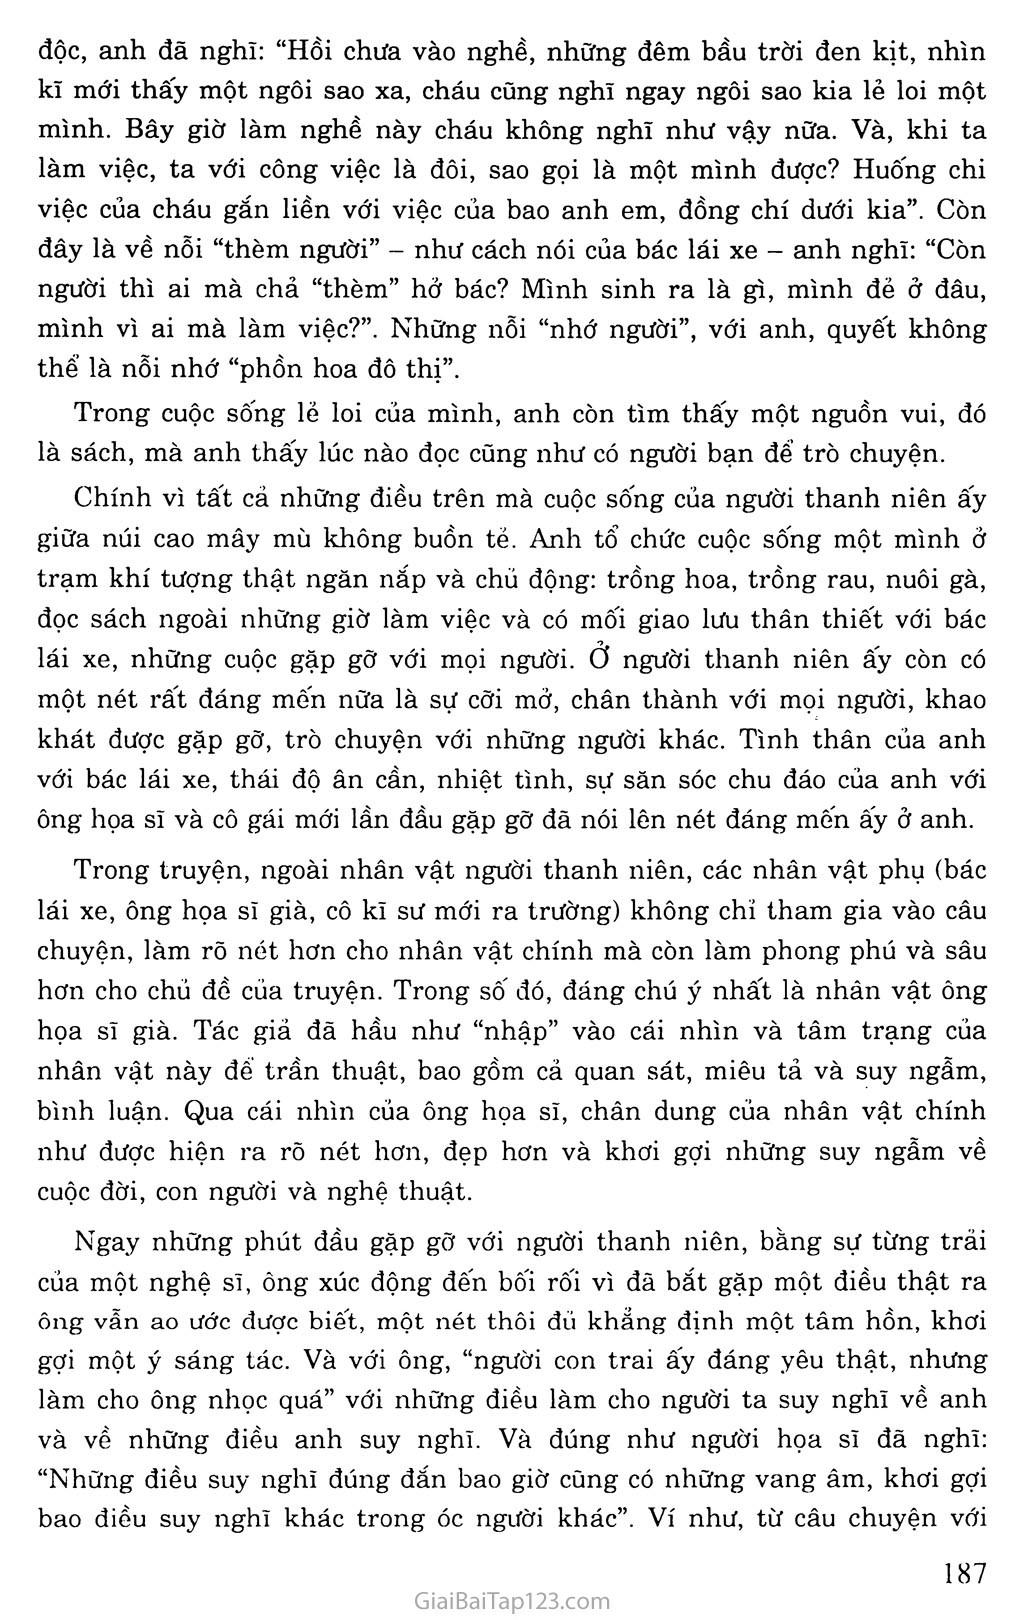 Lặng lẽ Sa Pa (trích) trang 6